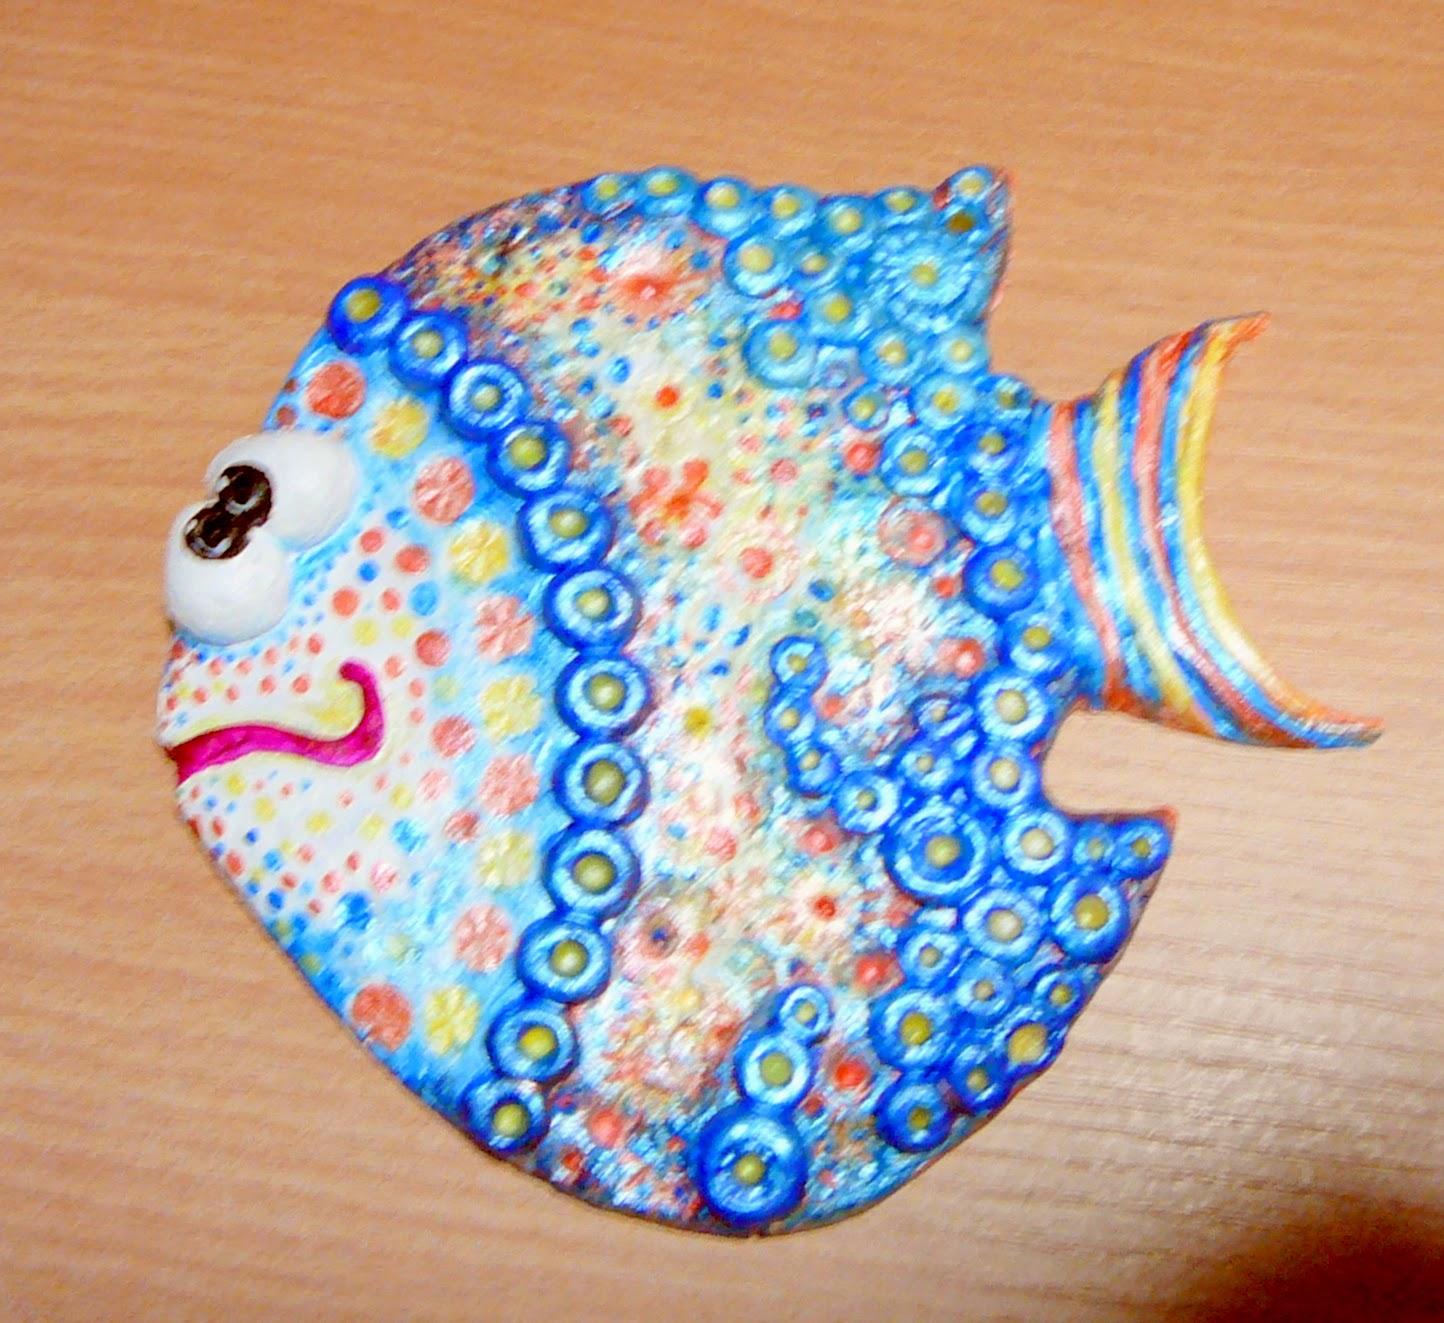 Рыбки из соленого теста своими руками пошаговая инструкция фото